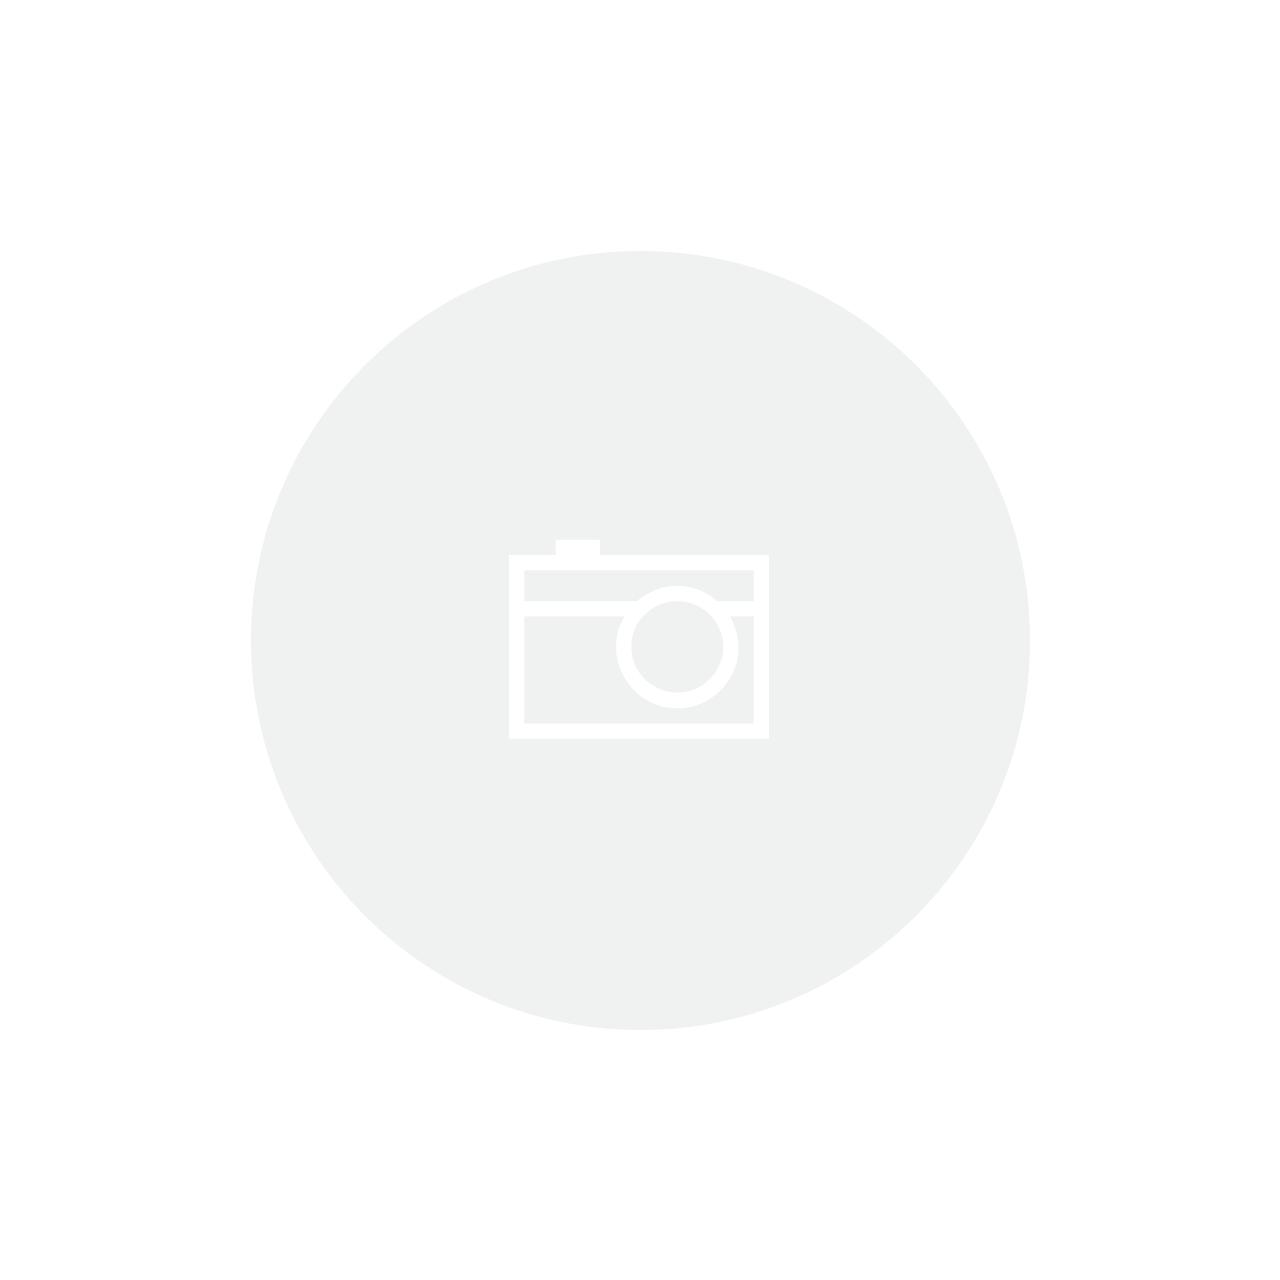 Calção Dryfit - 100% Sublimação com escudo PATCH - MODELO EXCLUSIVO